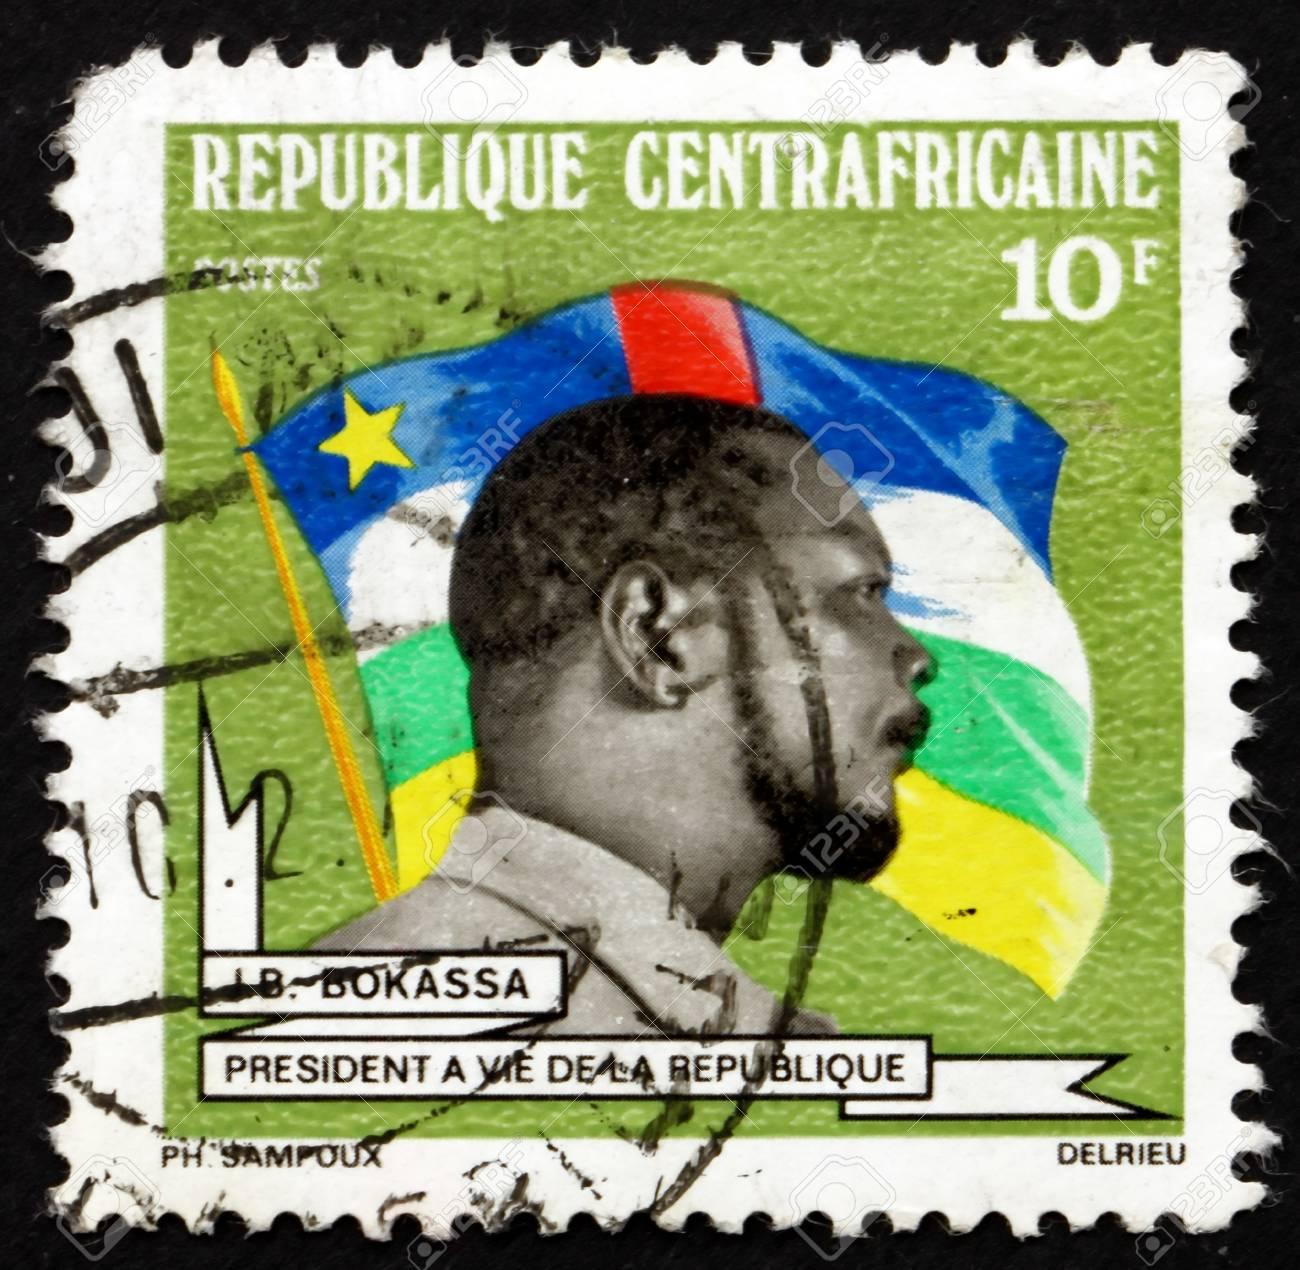 中央アフリカ共和国 - 1973 年頃: 中央アフリカ共和国で印刷スタンプ ...